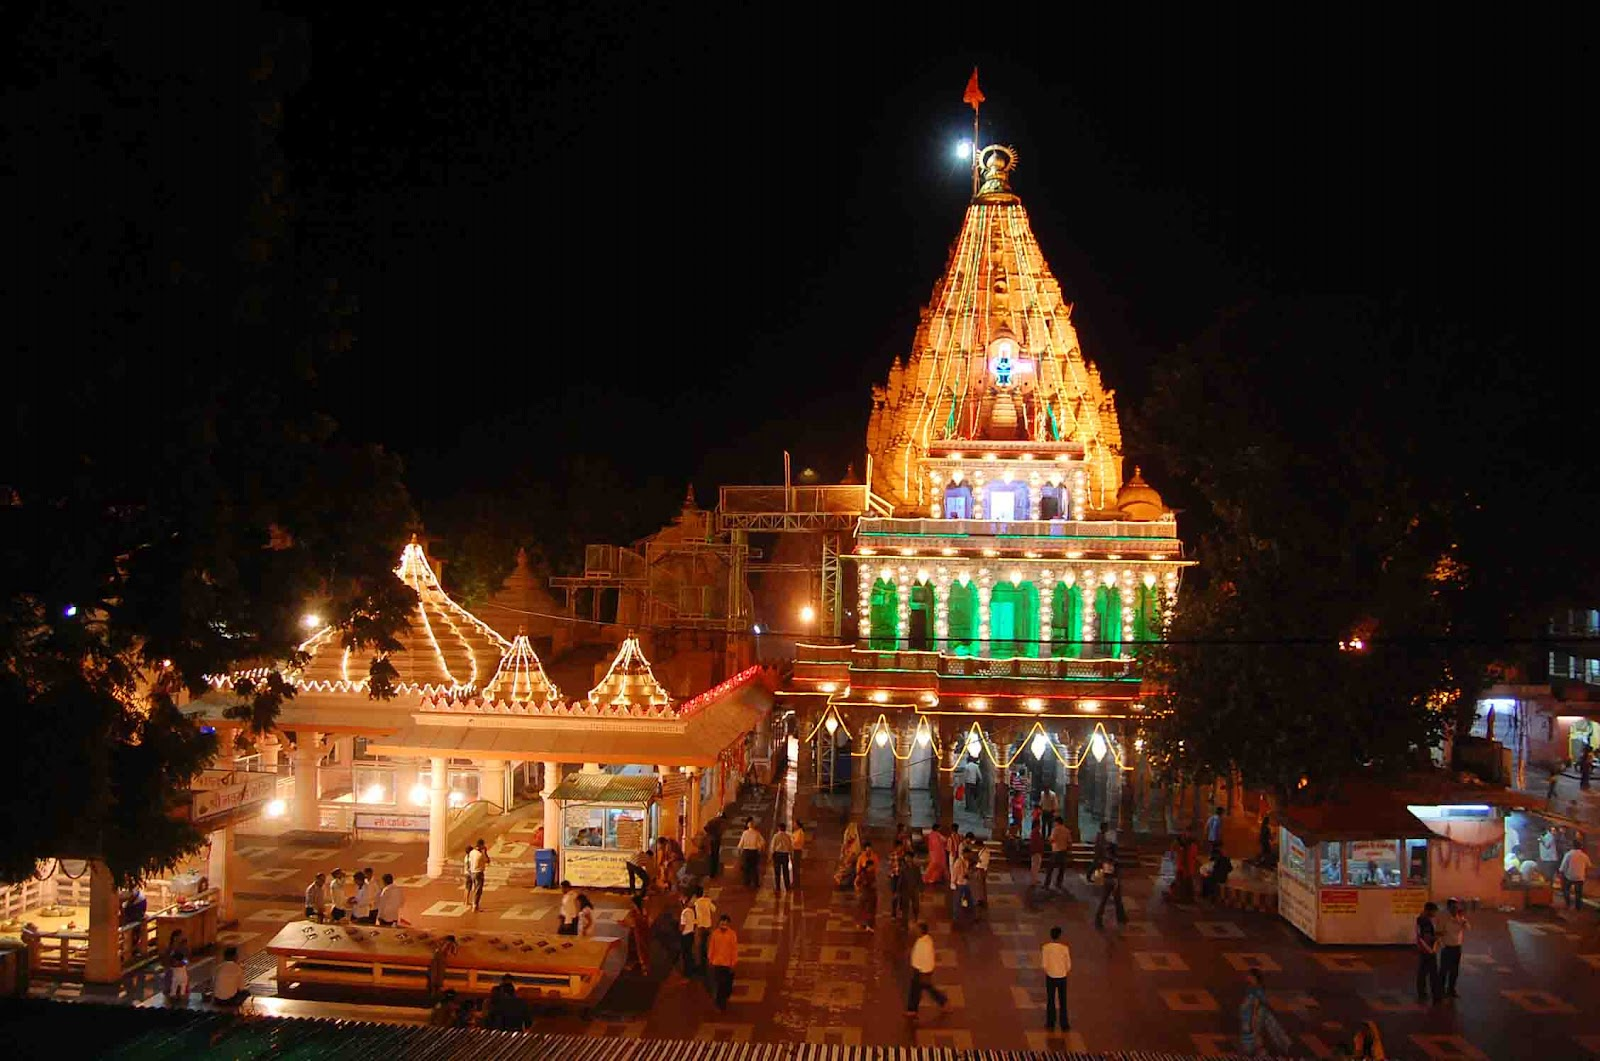 http://asthivisarjan.com/images/sliders/ujjain/ujja1.jpg